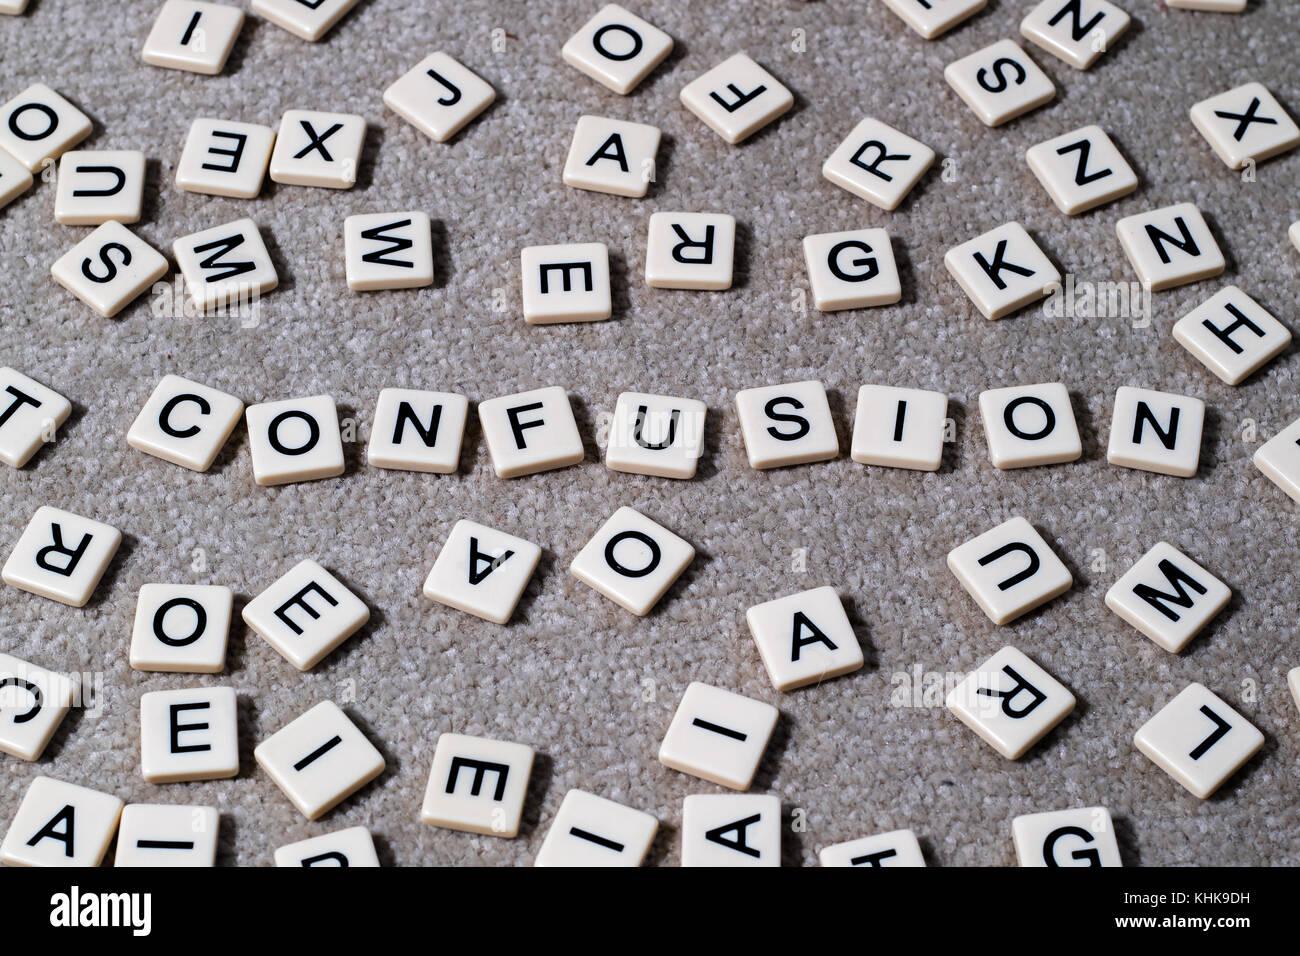 Confusión enunciados en estilo scrabble azulejos con letras entre una maraña de otras letras. Imagen De Stock